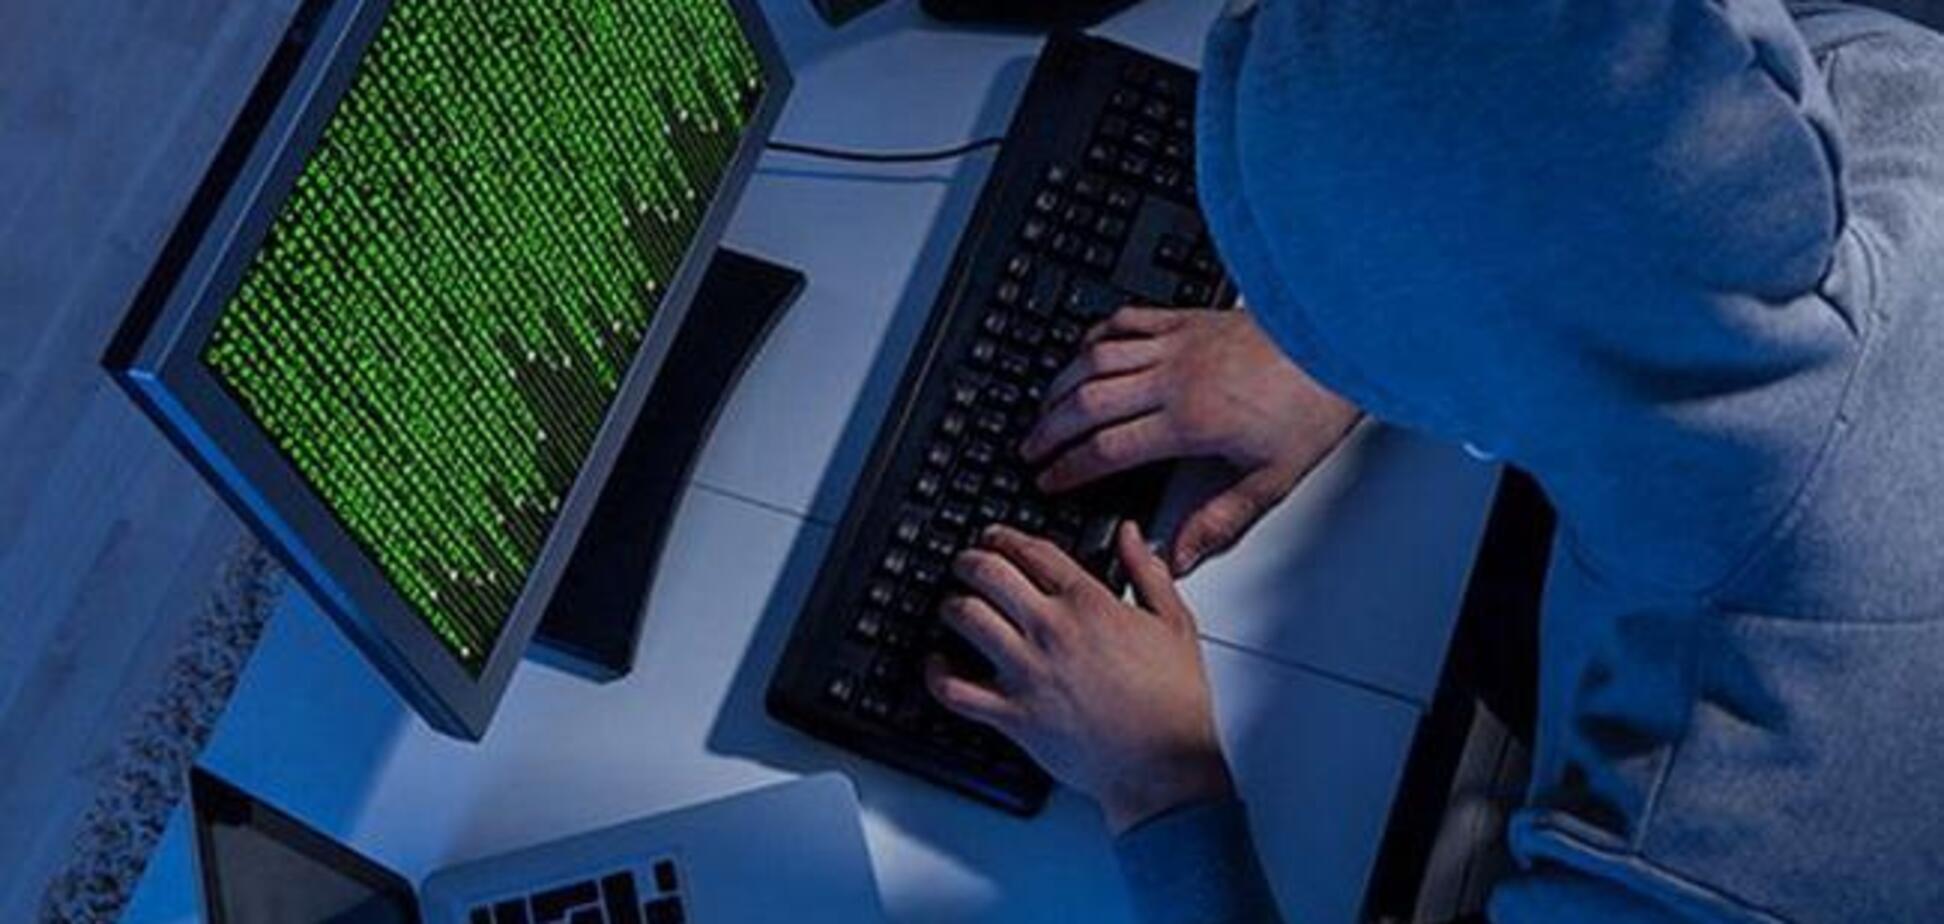 Зарплата до 50 тыс. грн: киберполиция ищет 'белых хакеров'